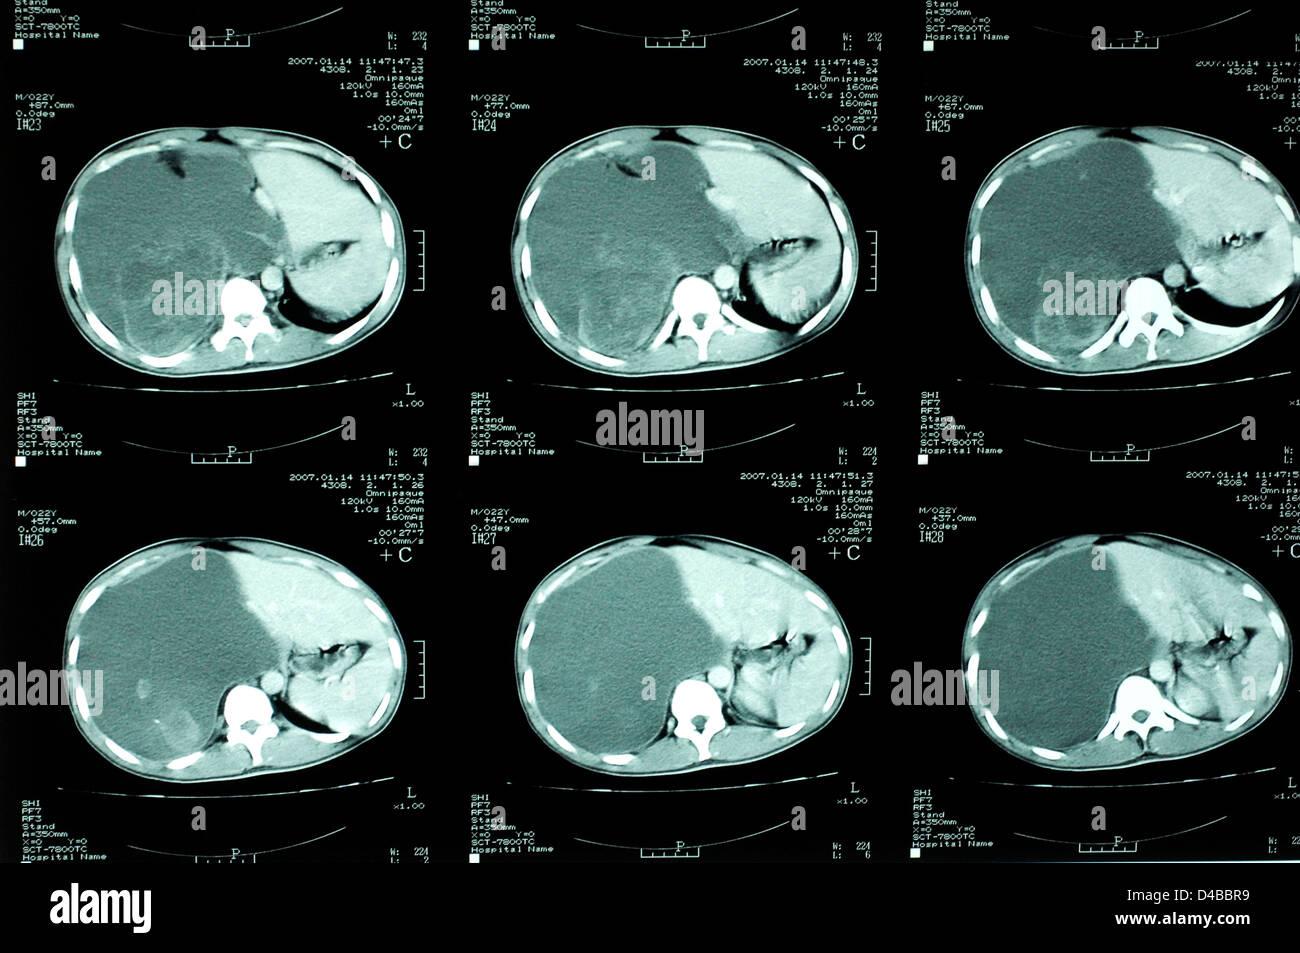 Radiologie. CT-Scan zeigt eine Blut-pooling auf der rechten Seite ...